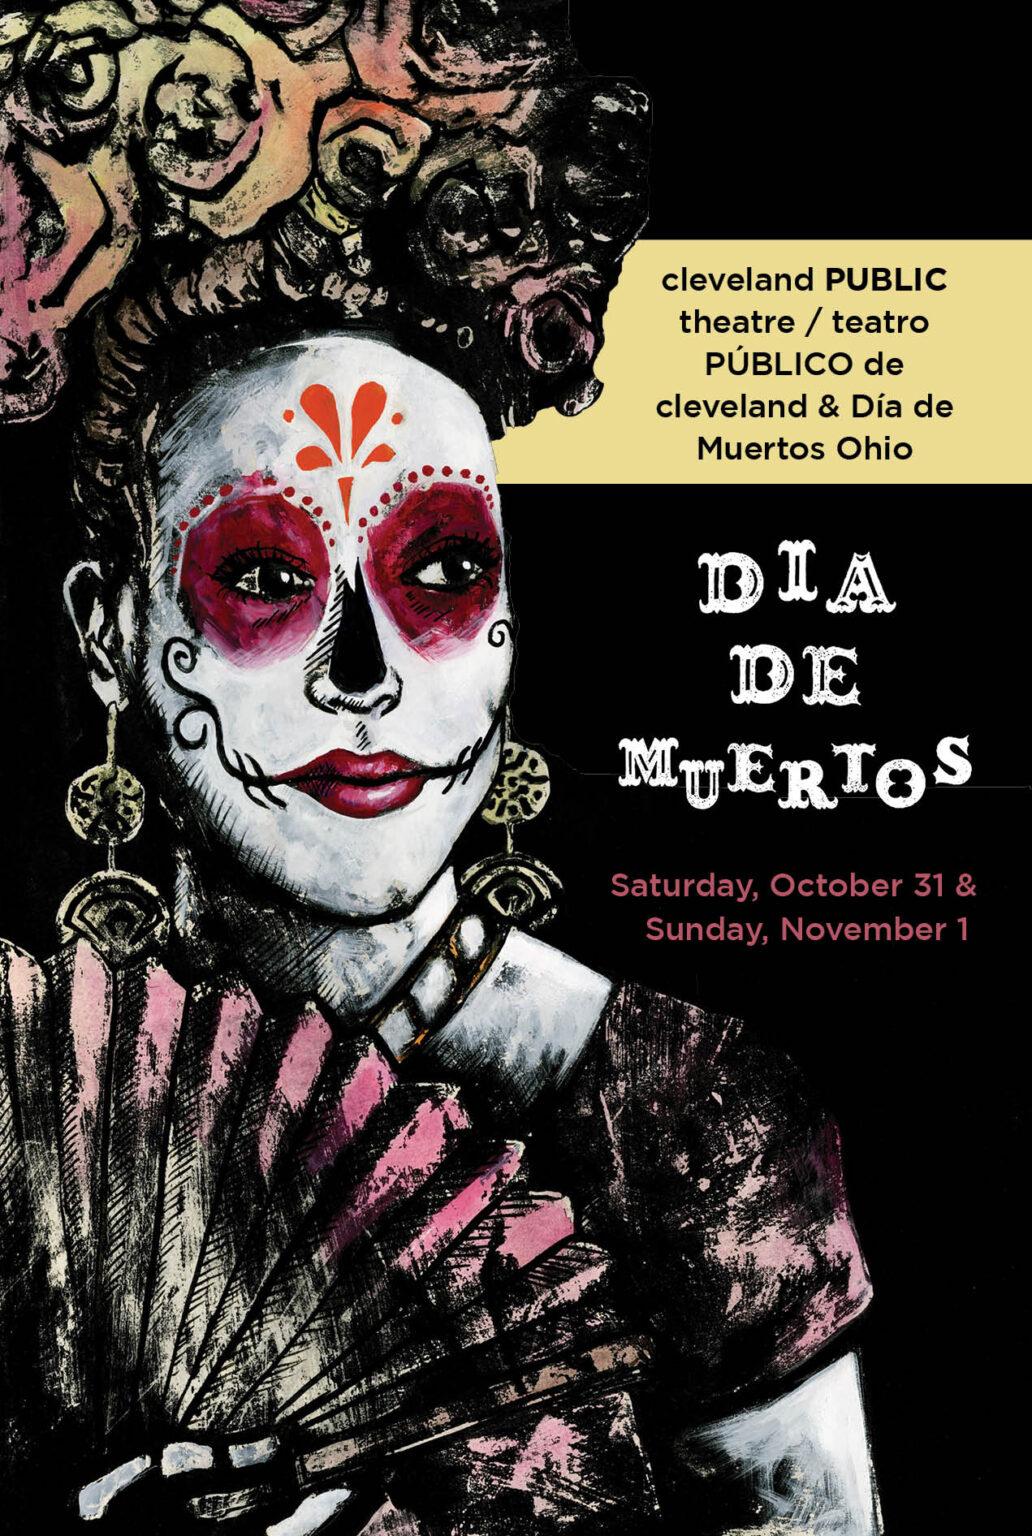 Dia de Muertos promo flyer